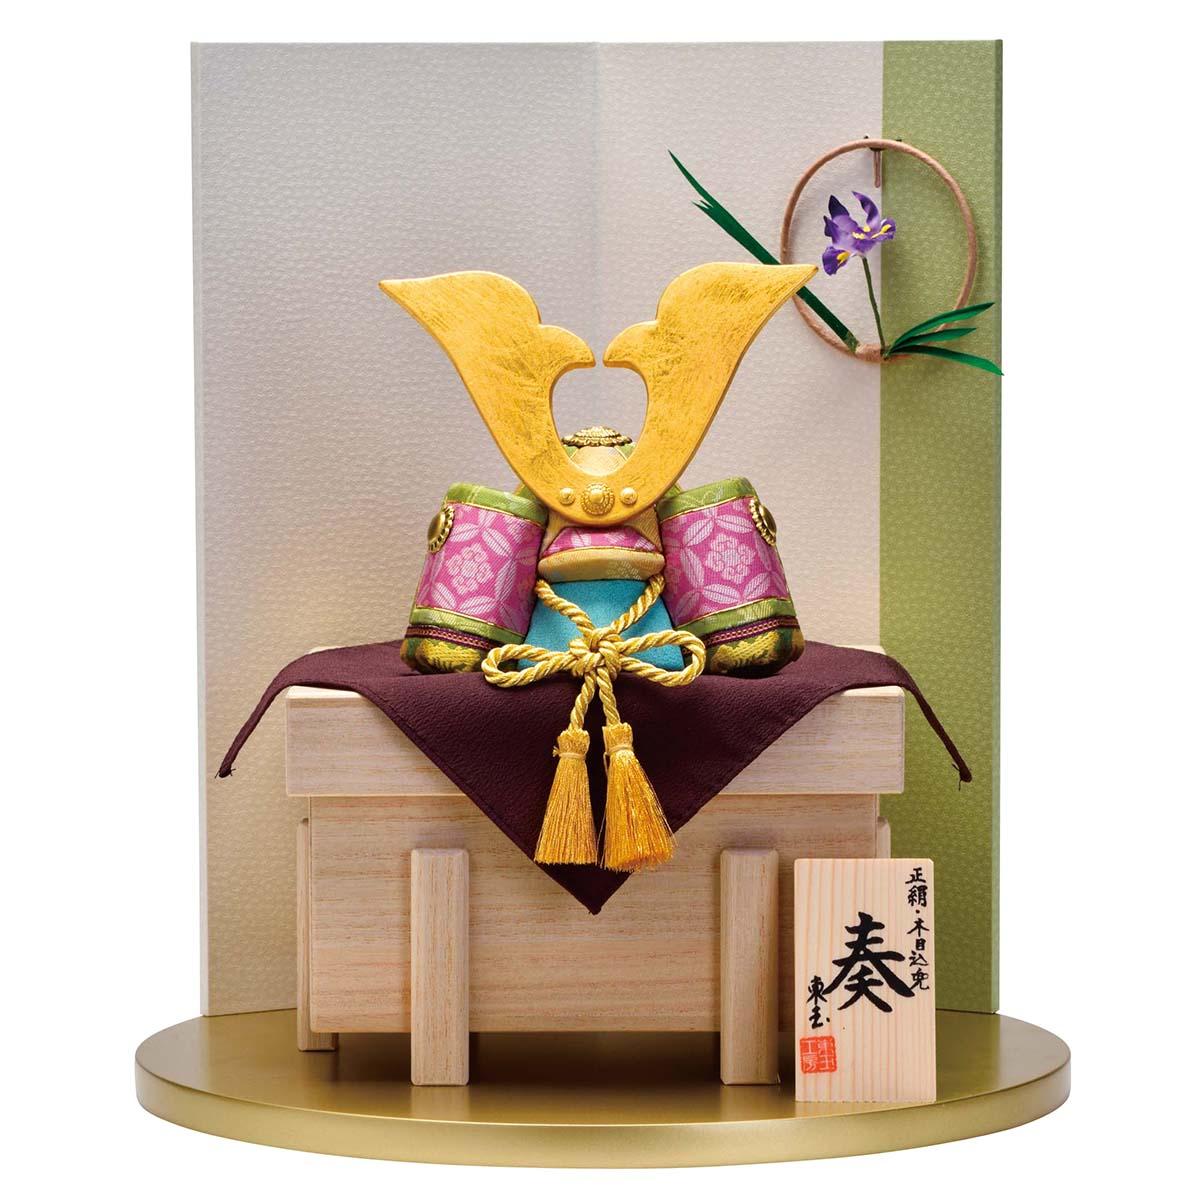 五月人形 東玉 木目込み飾り 奏・緑音-ryokuon- GOTG-5コンパクト おしゃれ 木目込み飾り 5月人形 端午の節句 [P10]